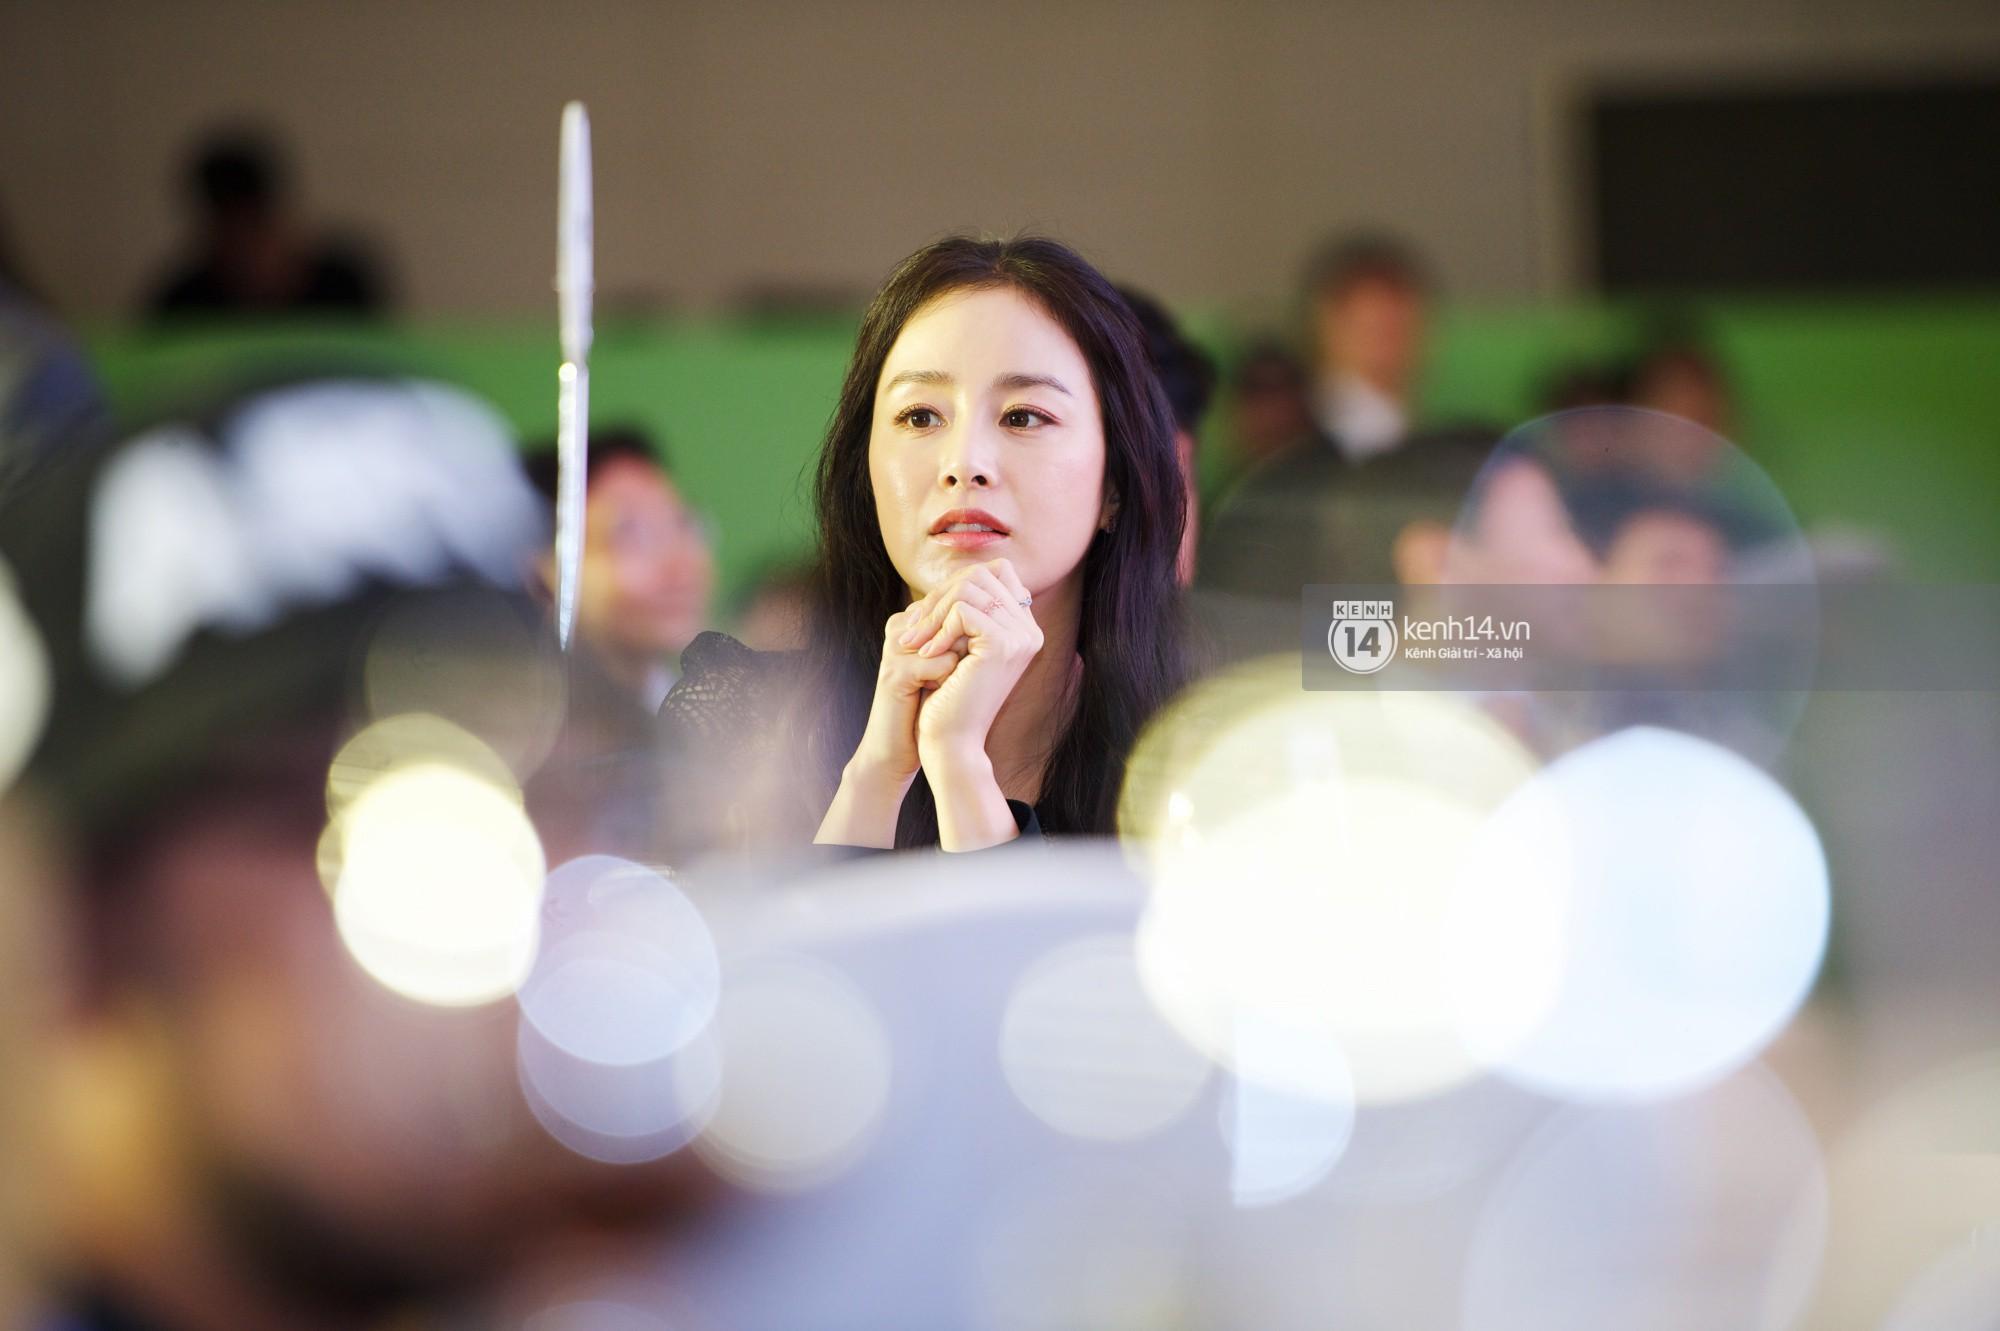 Bộ ảnh đẹp nhất của Kim Tae Hee tại đêm tiệc Hàn ở Hà Nội: Khoảnh khắc minh tinh châu Á hút hồn toàn bộ khán phòng-3